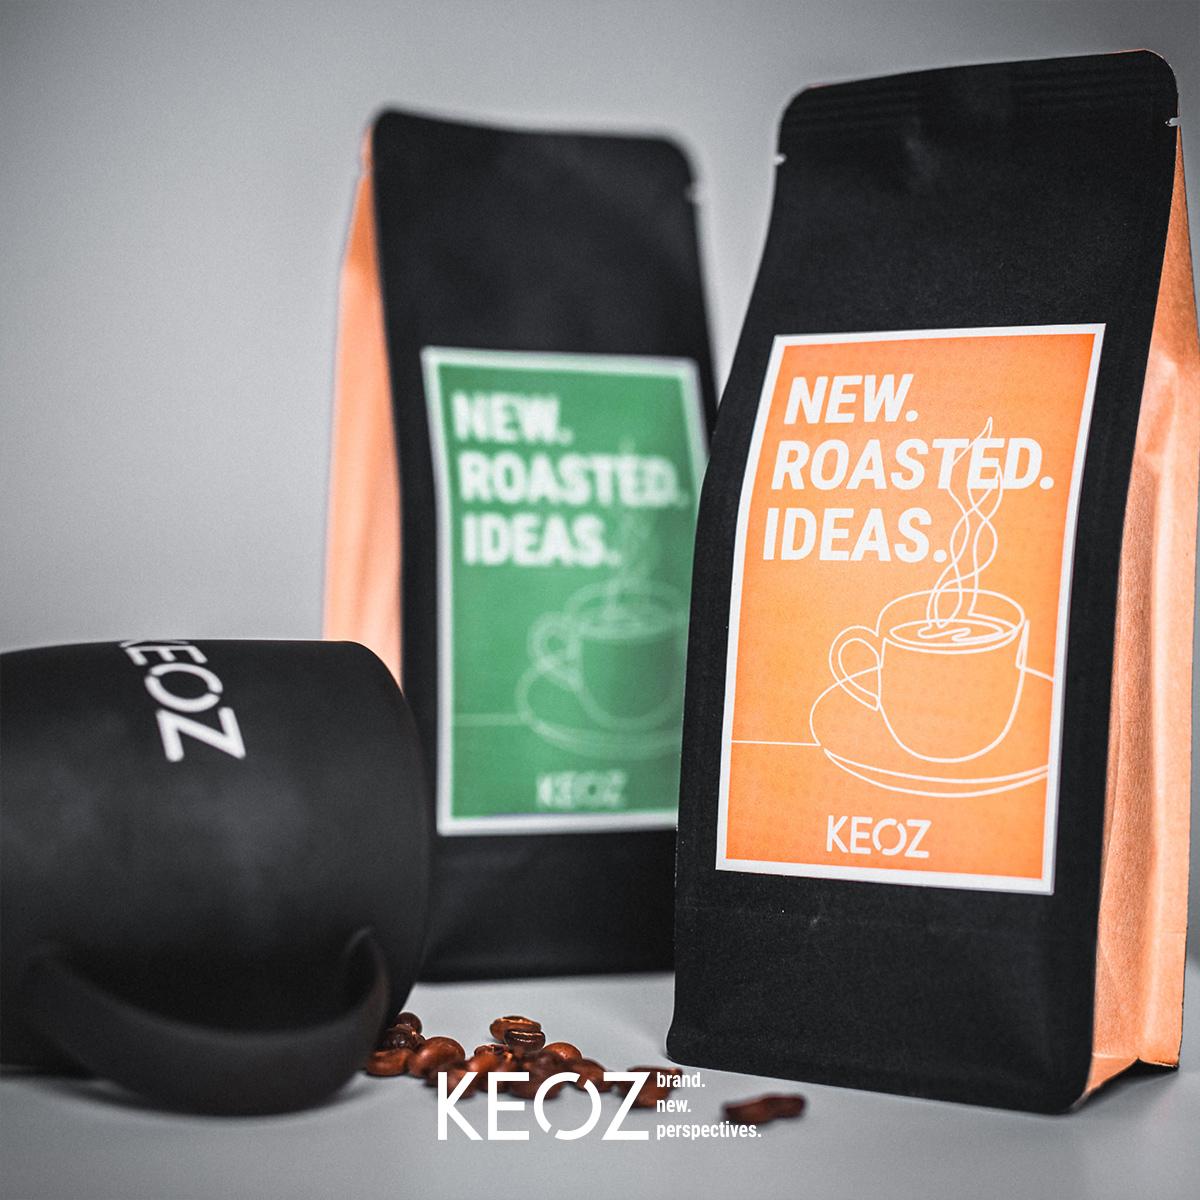 Unsere KEOZ Kaffeebohnen und Kaffeetasse